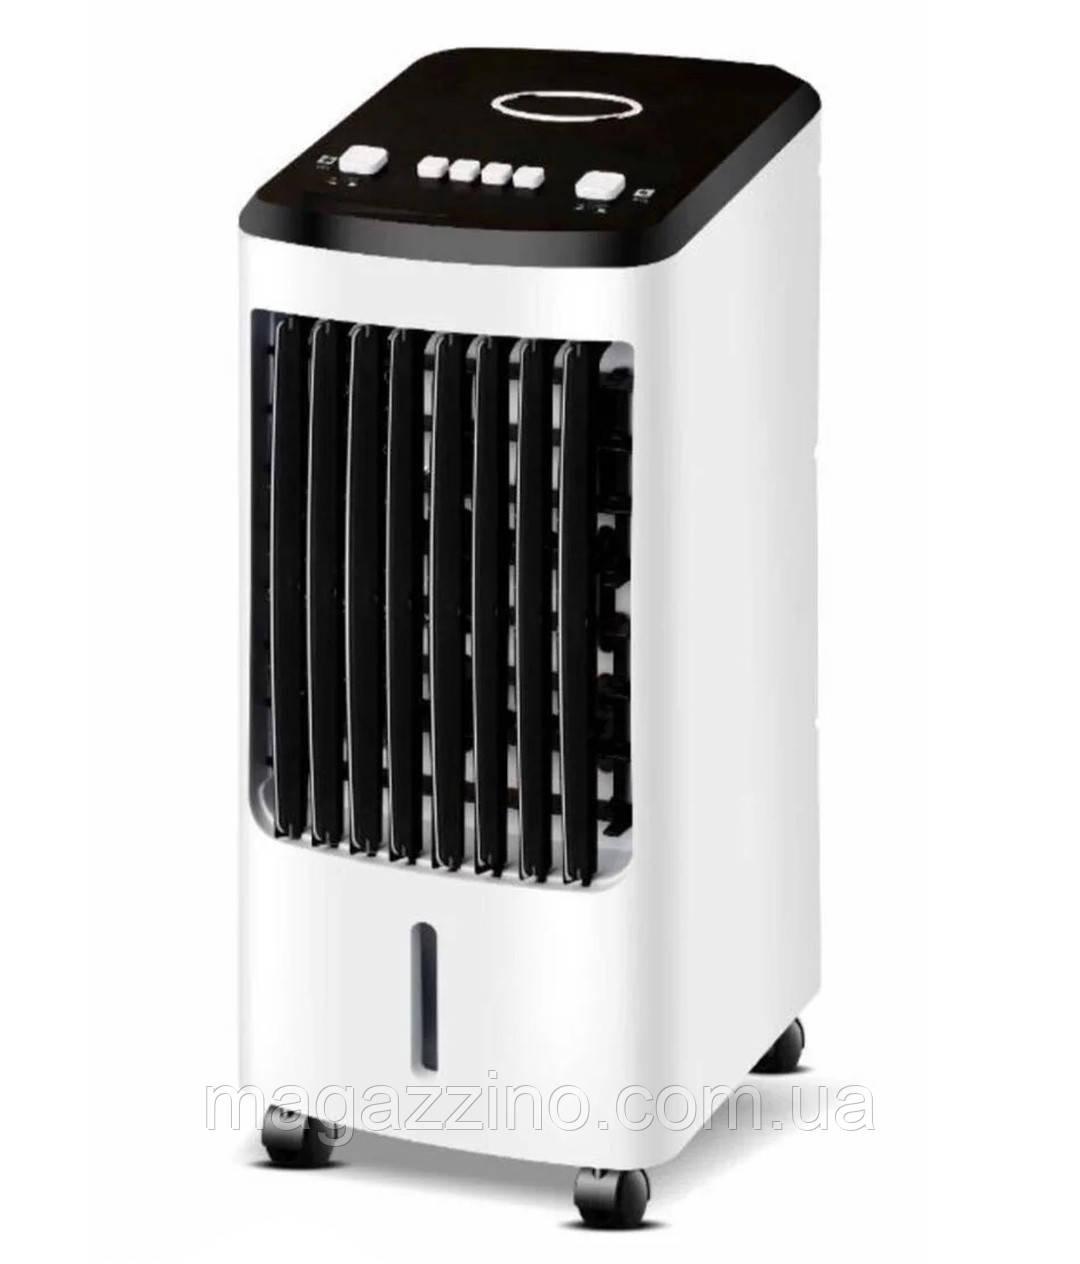 Портативный воздушный охладитель, Gold Diamond TK00026, 80Вт.